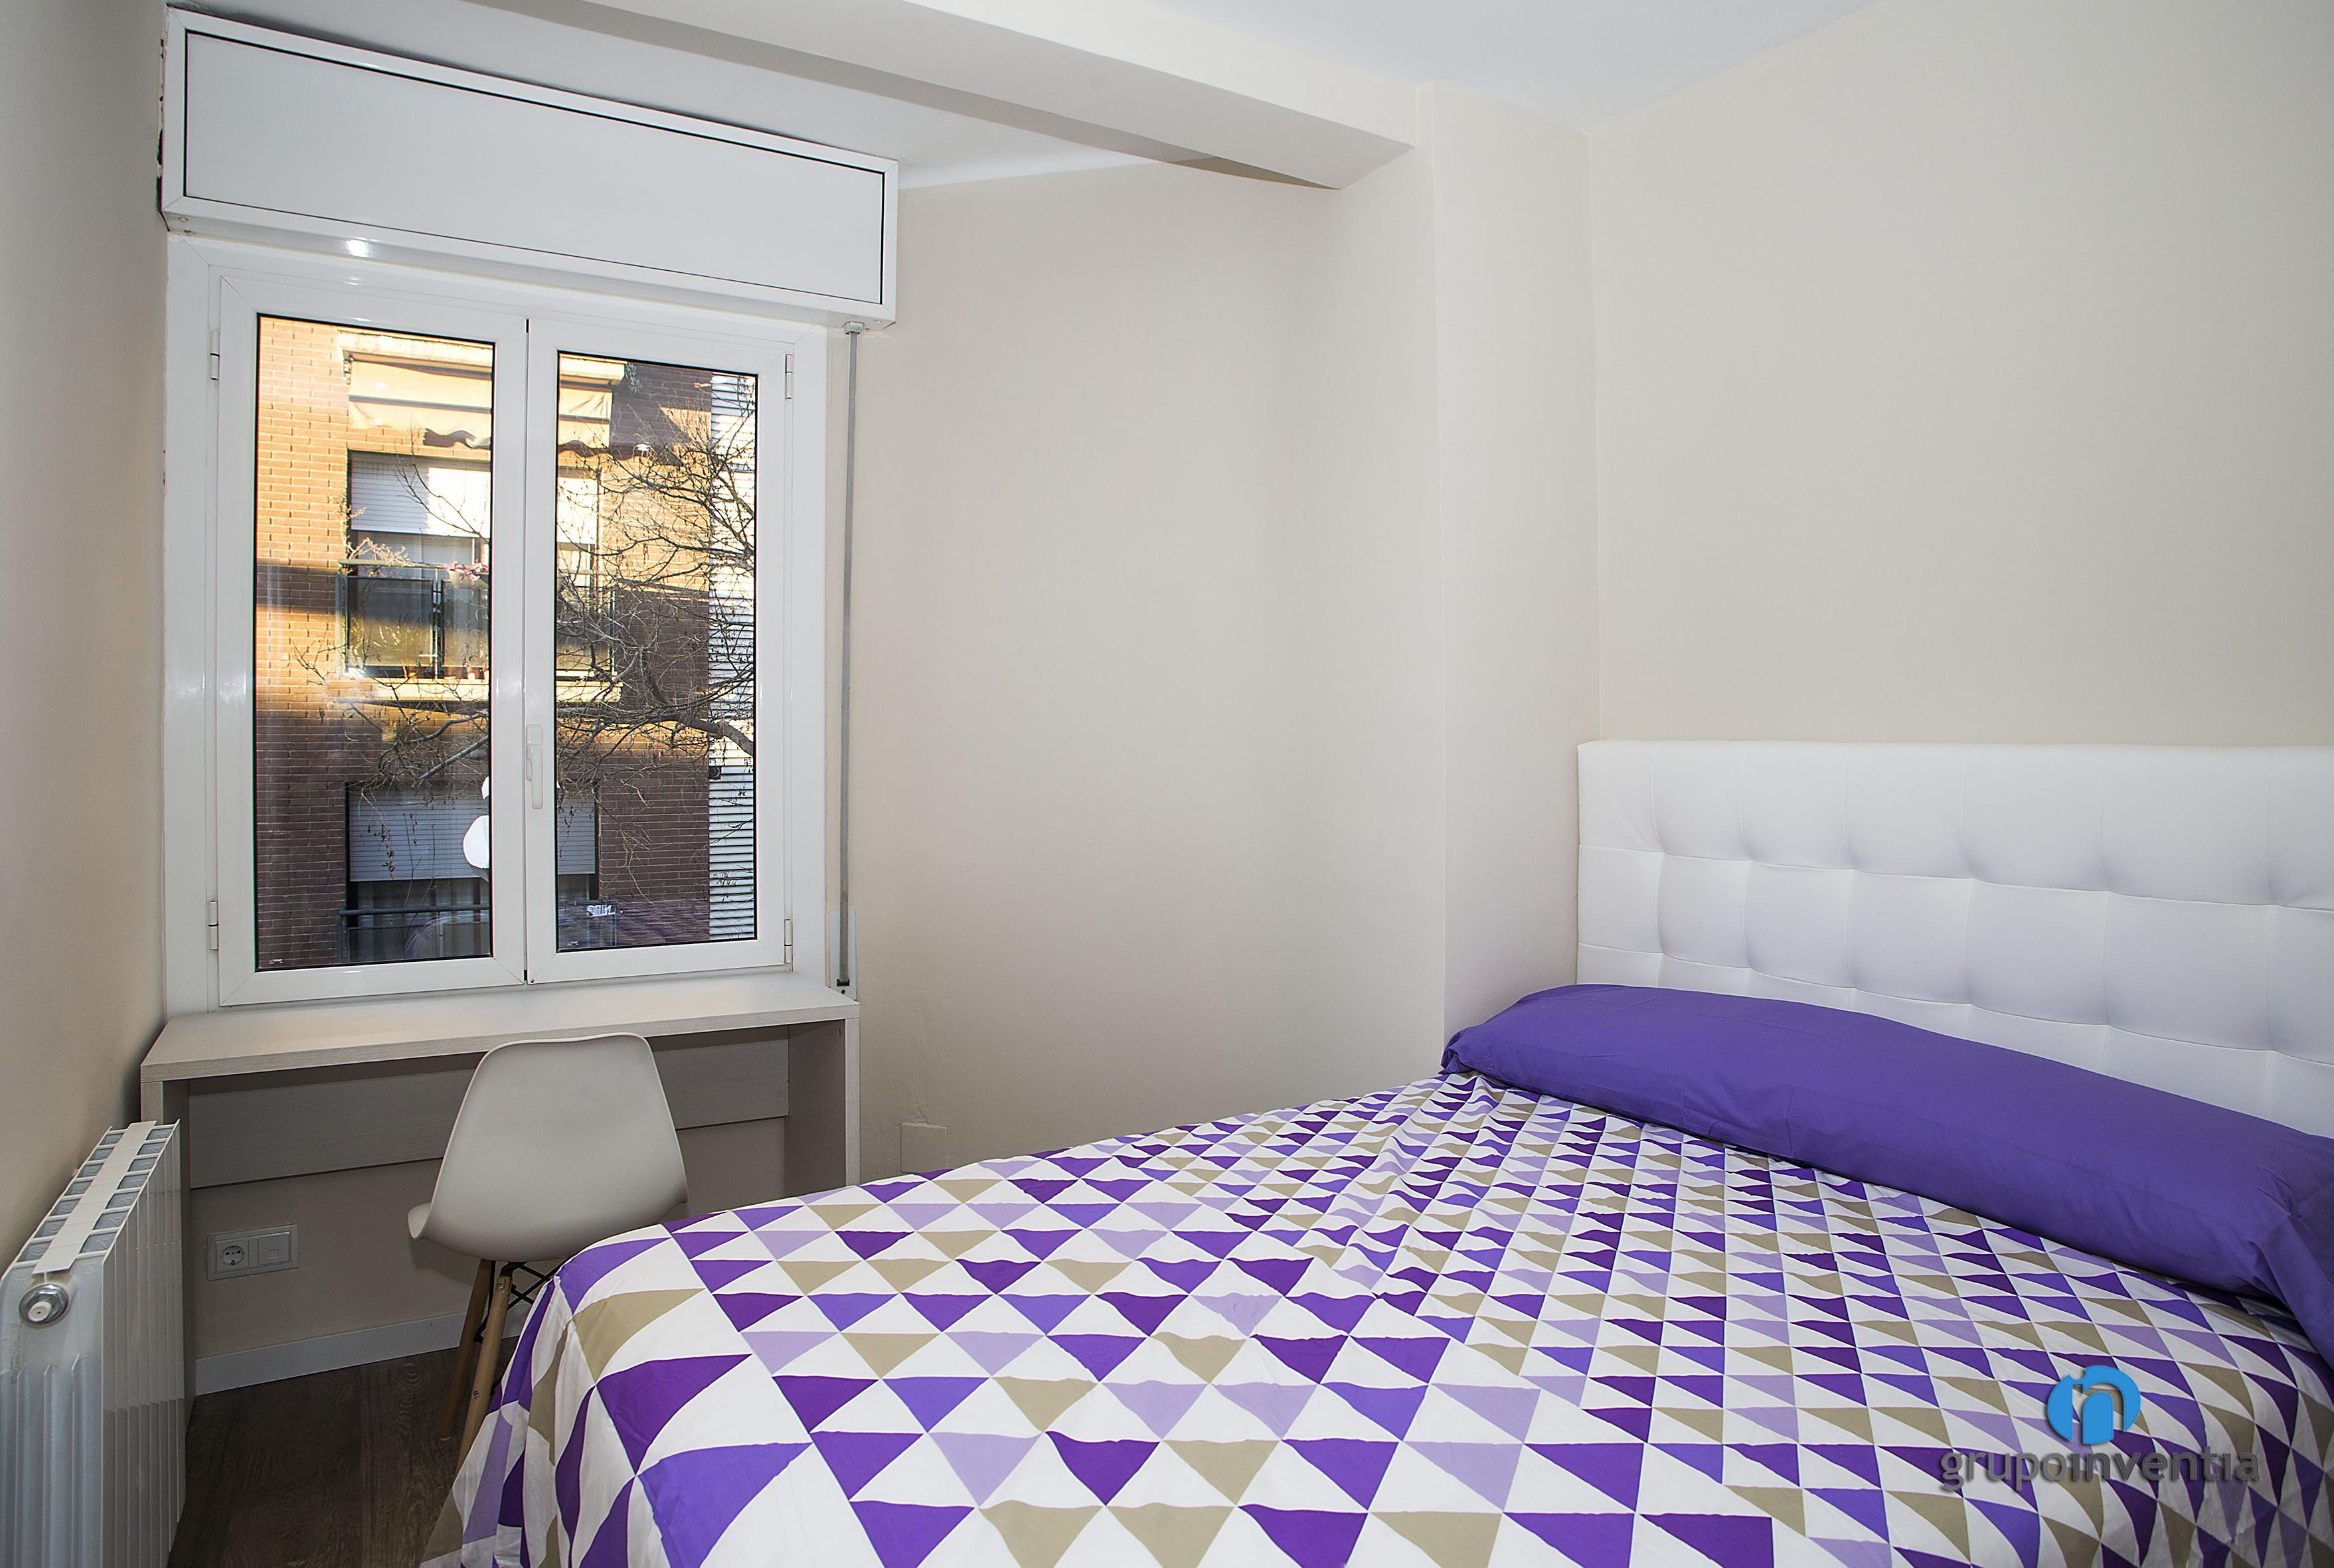 Dormitorio con muebles en calle miracle de barcelona - Muebles dormitorio barcelona ...